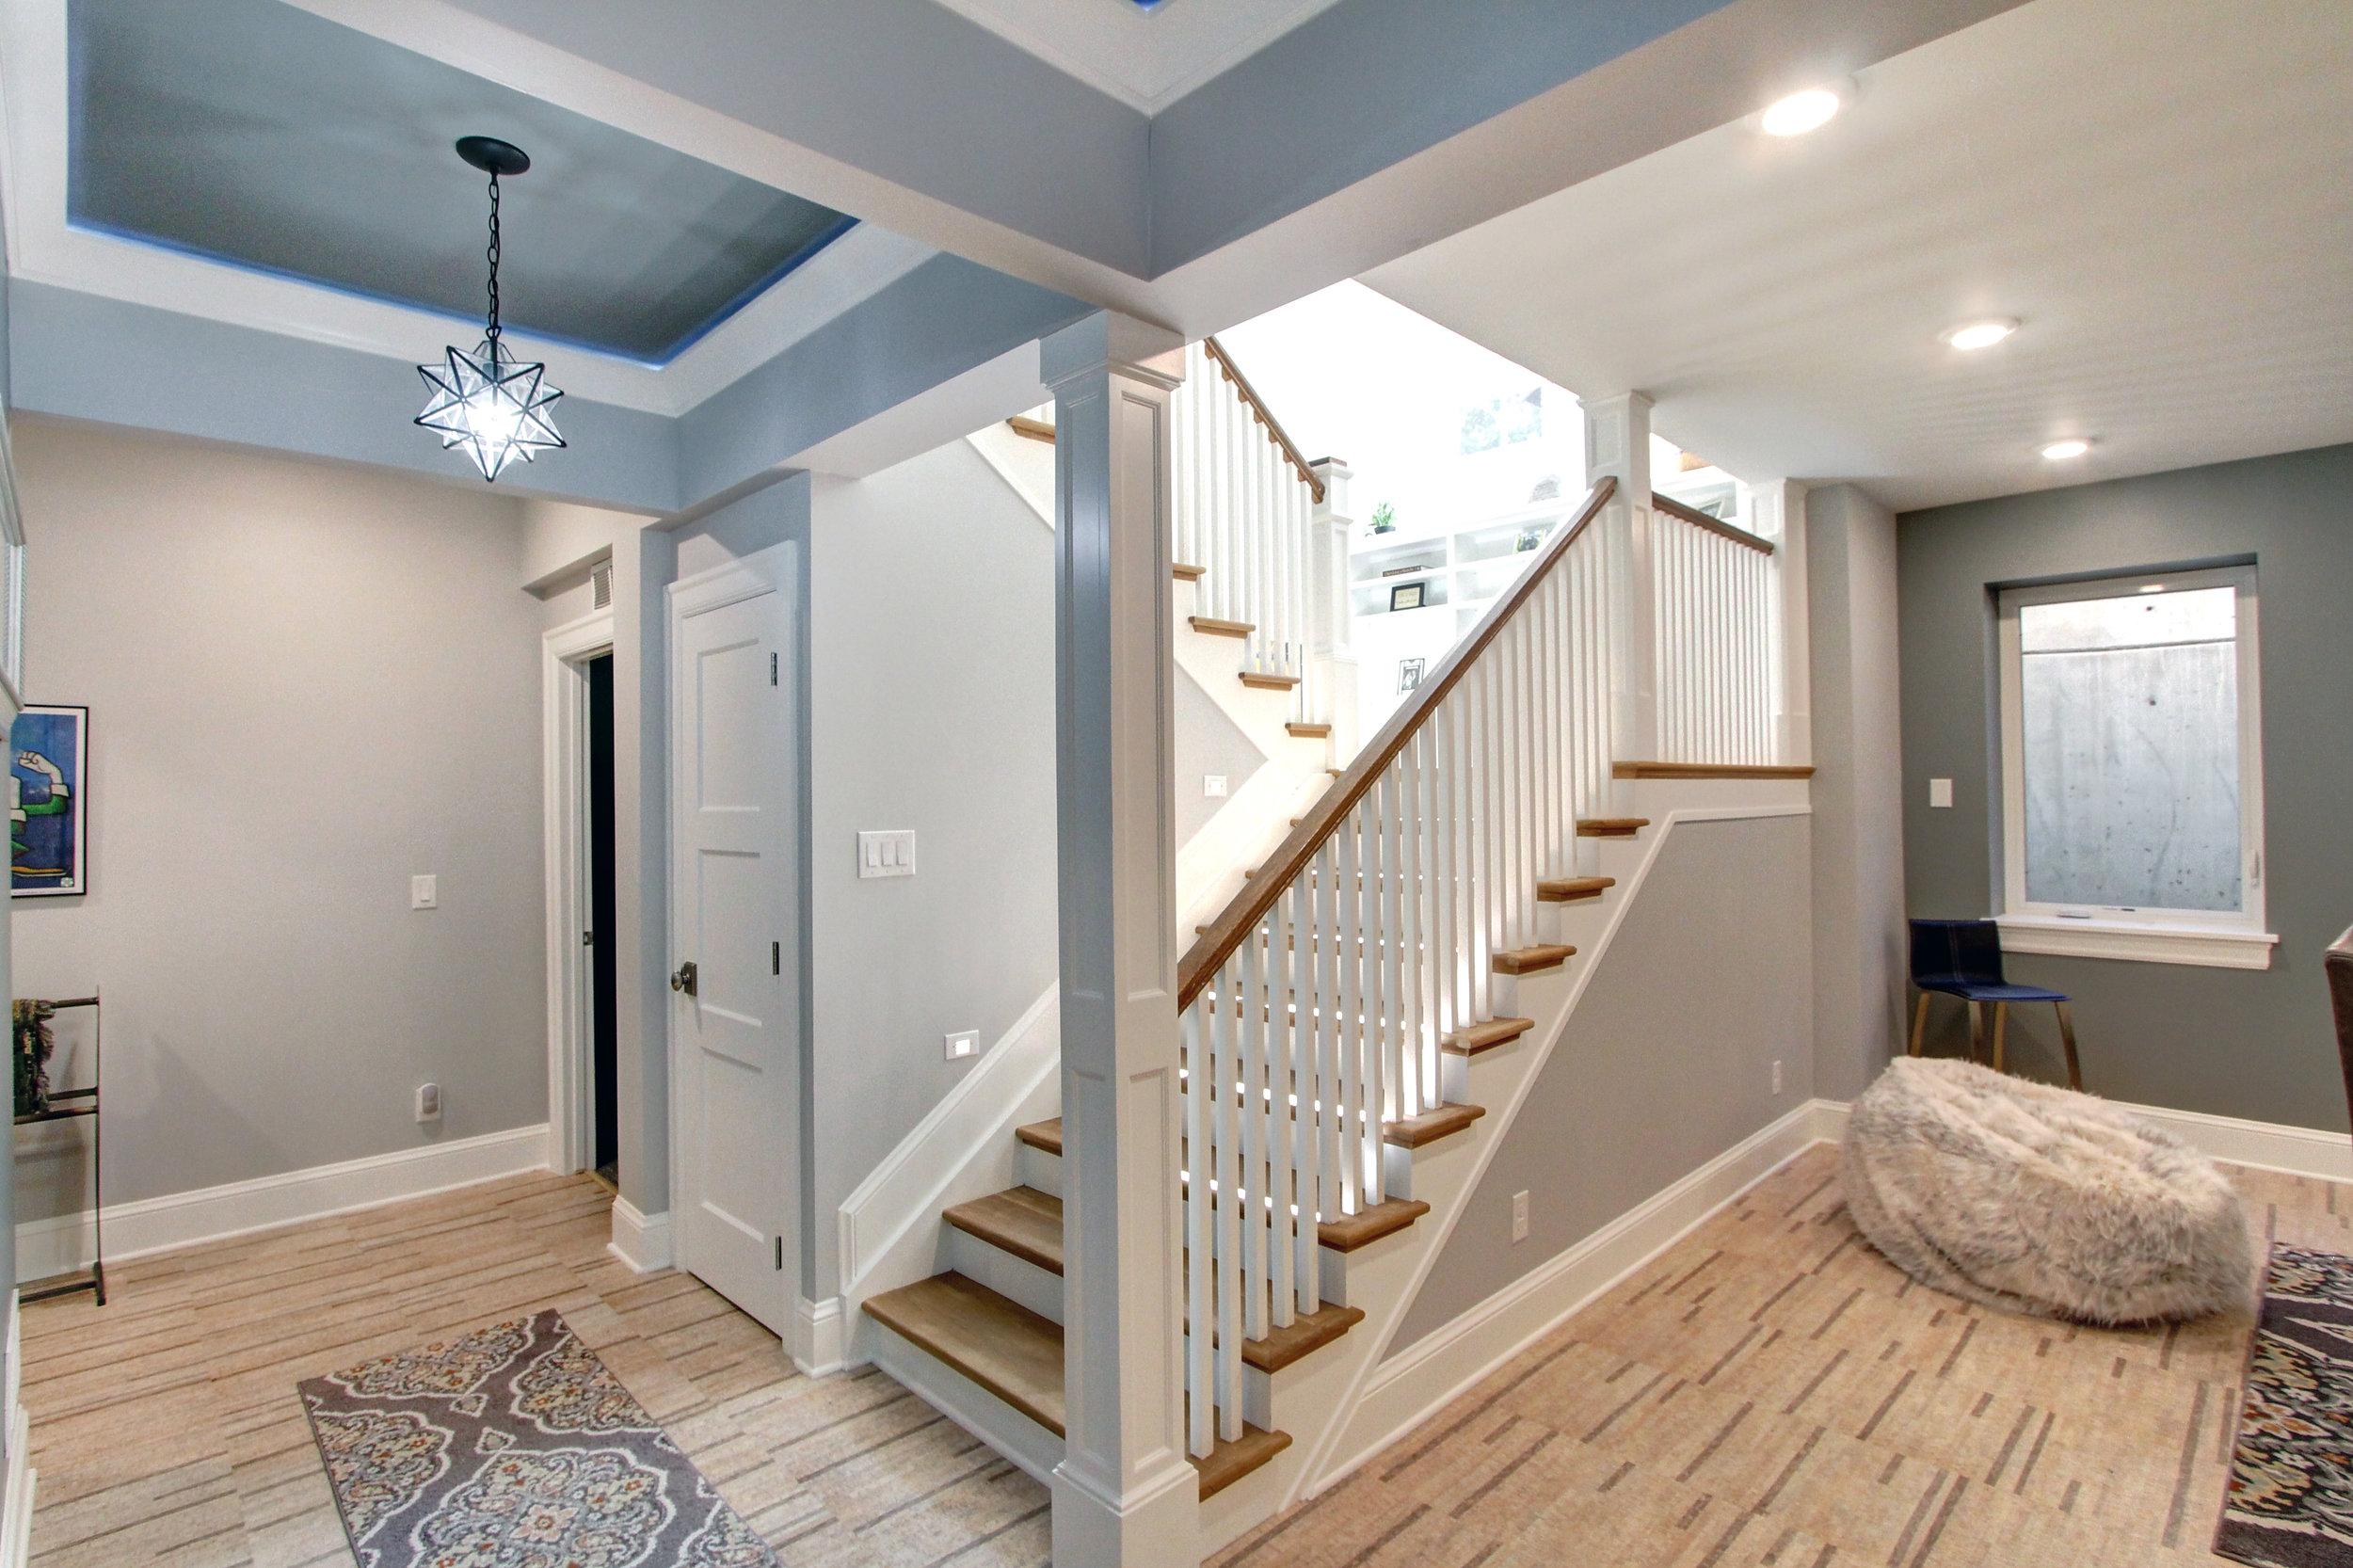 1305 Vine basement stair.jpg